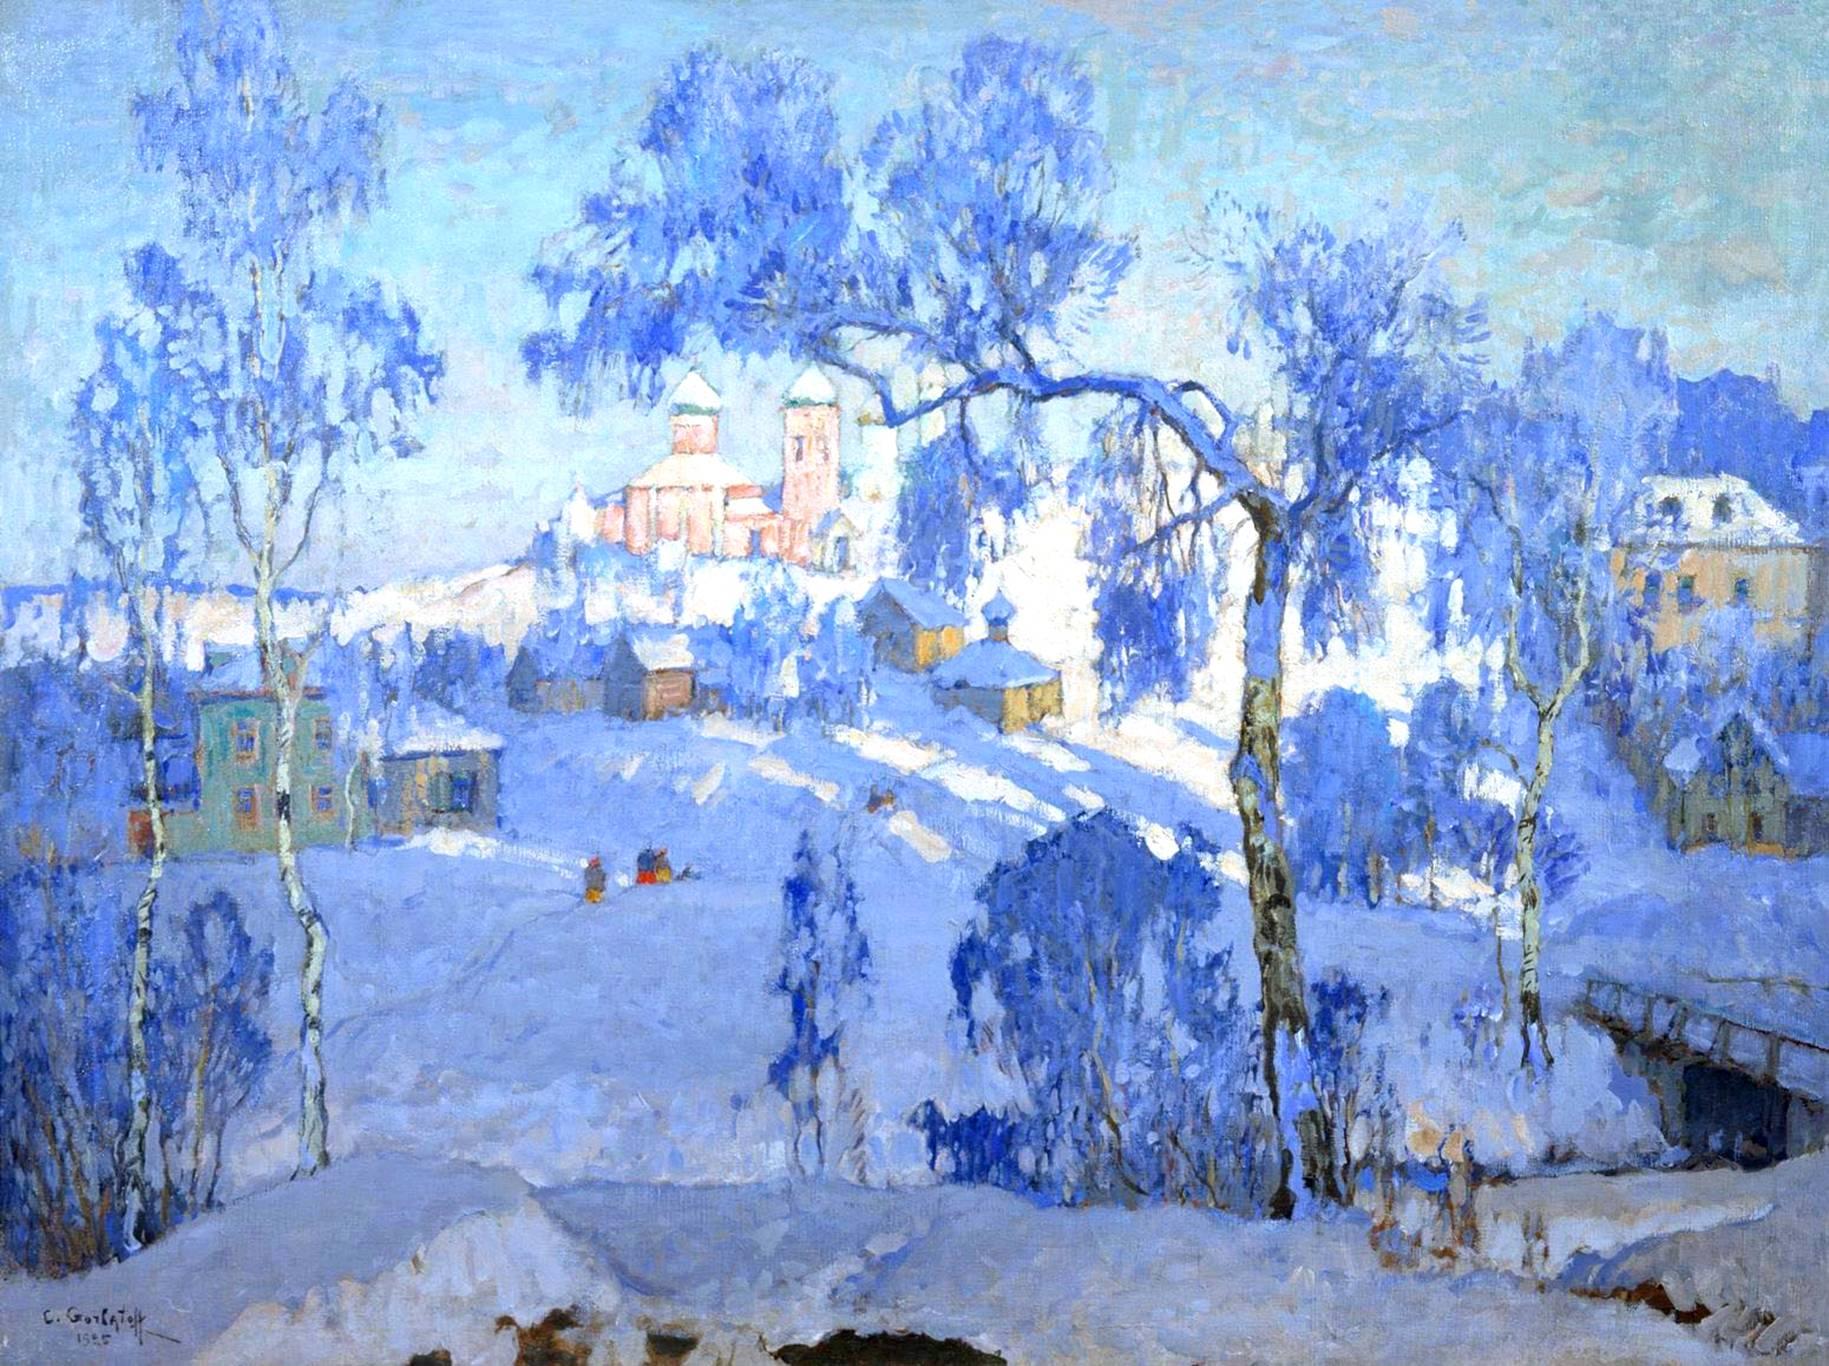 Горбатова зимний пейзаж с церковью